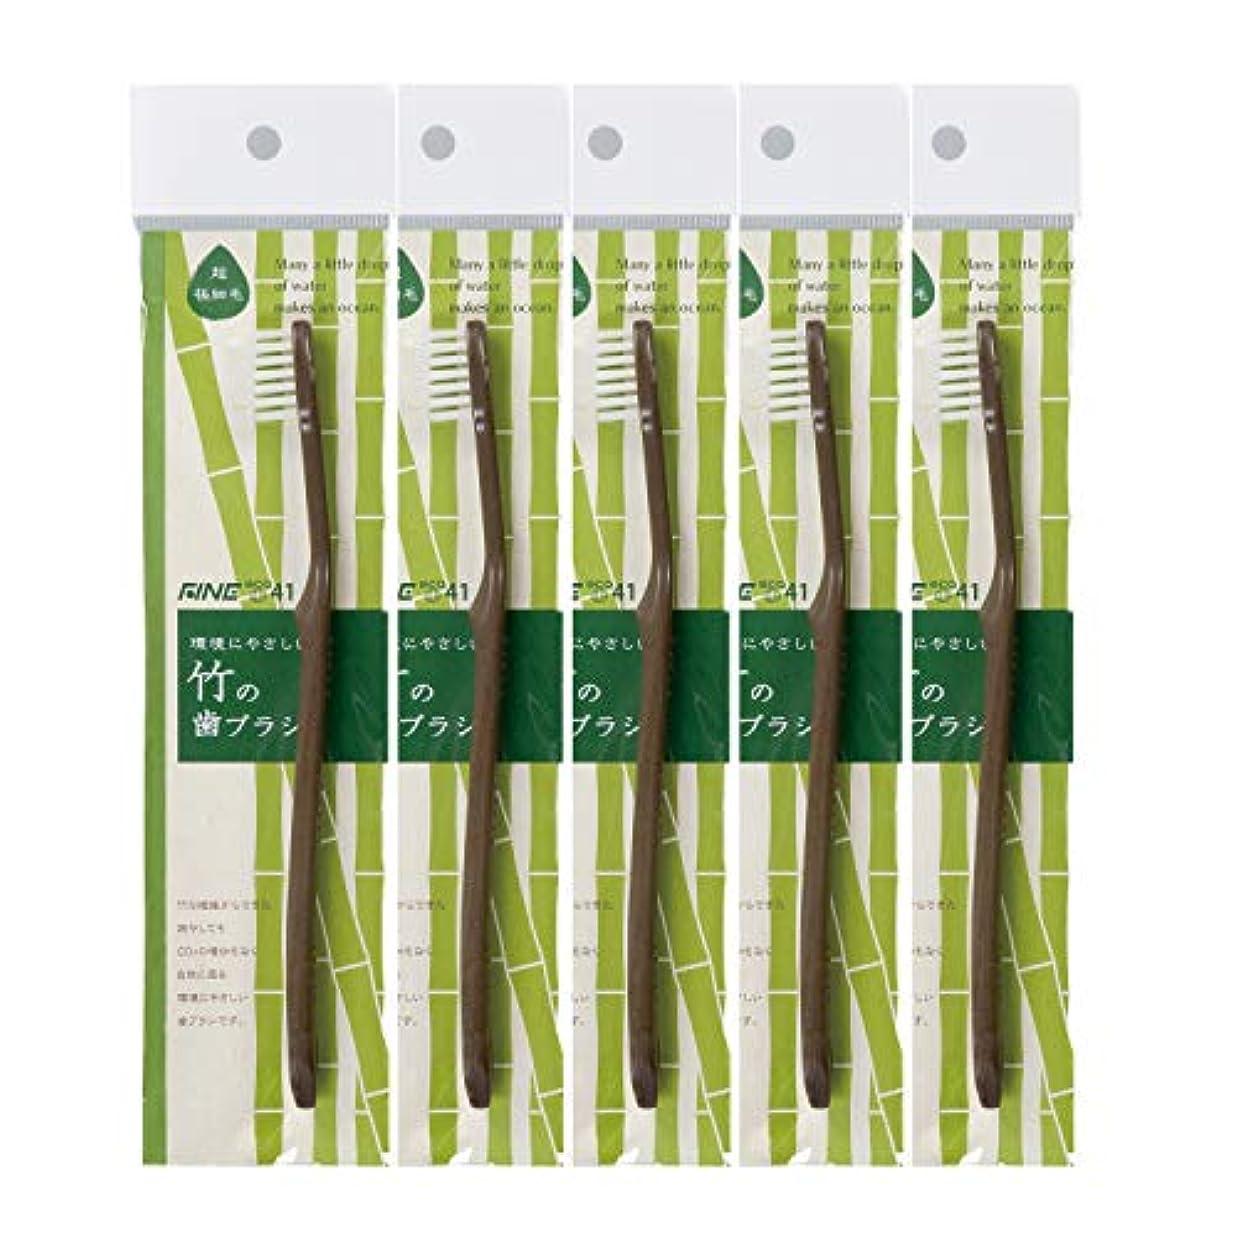 うぬぼれた西部環境に優しい【FINE ファイン】FINEeco41 竹の歯ブラシ 超極細毛タイプ 5本セット